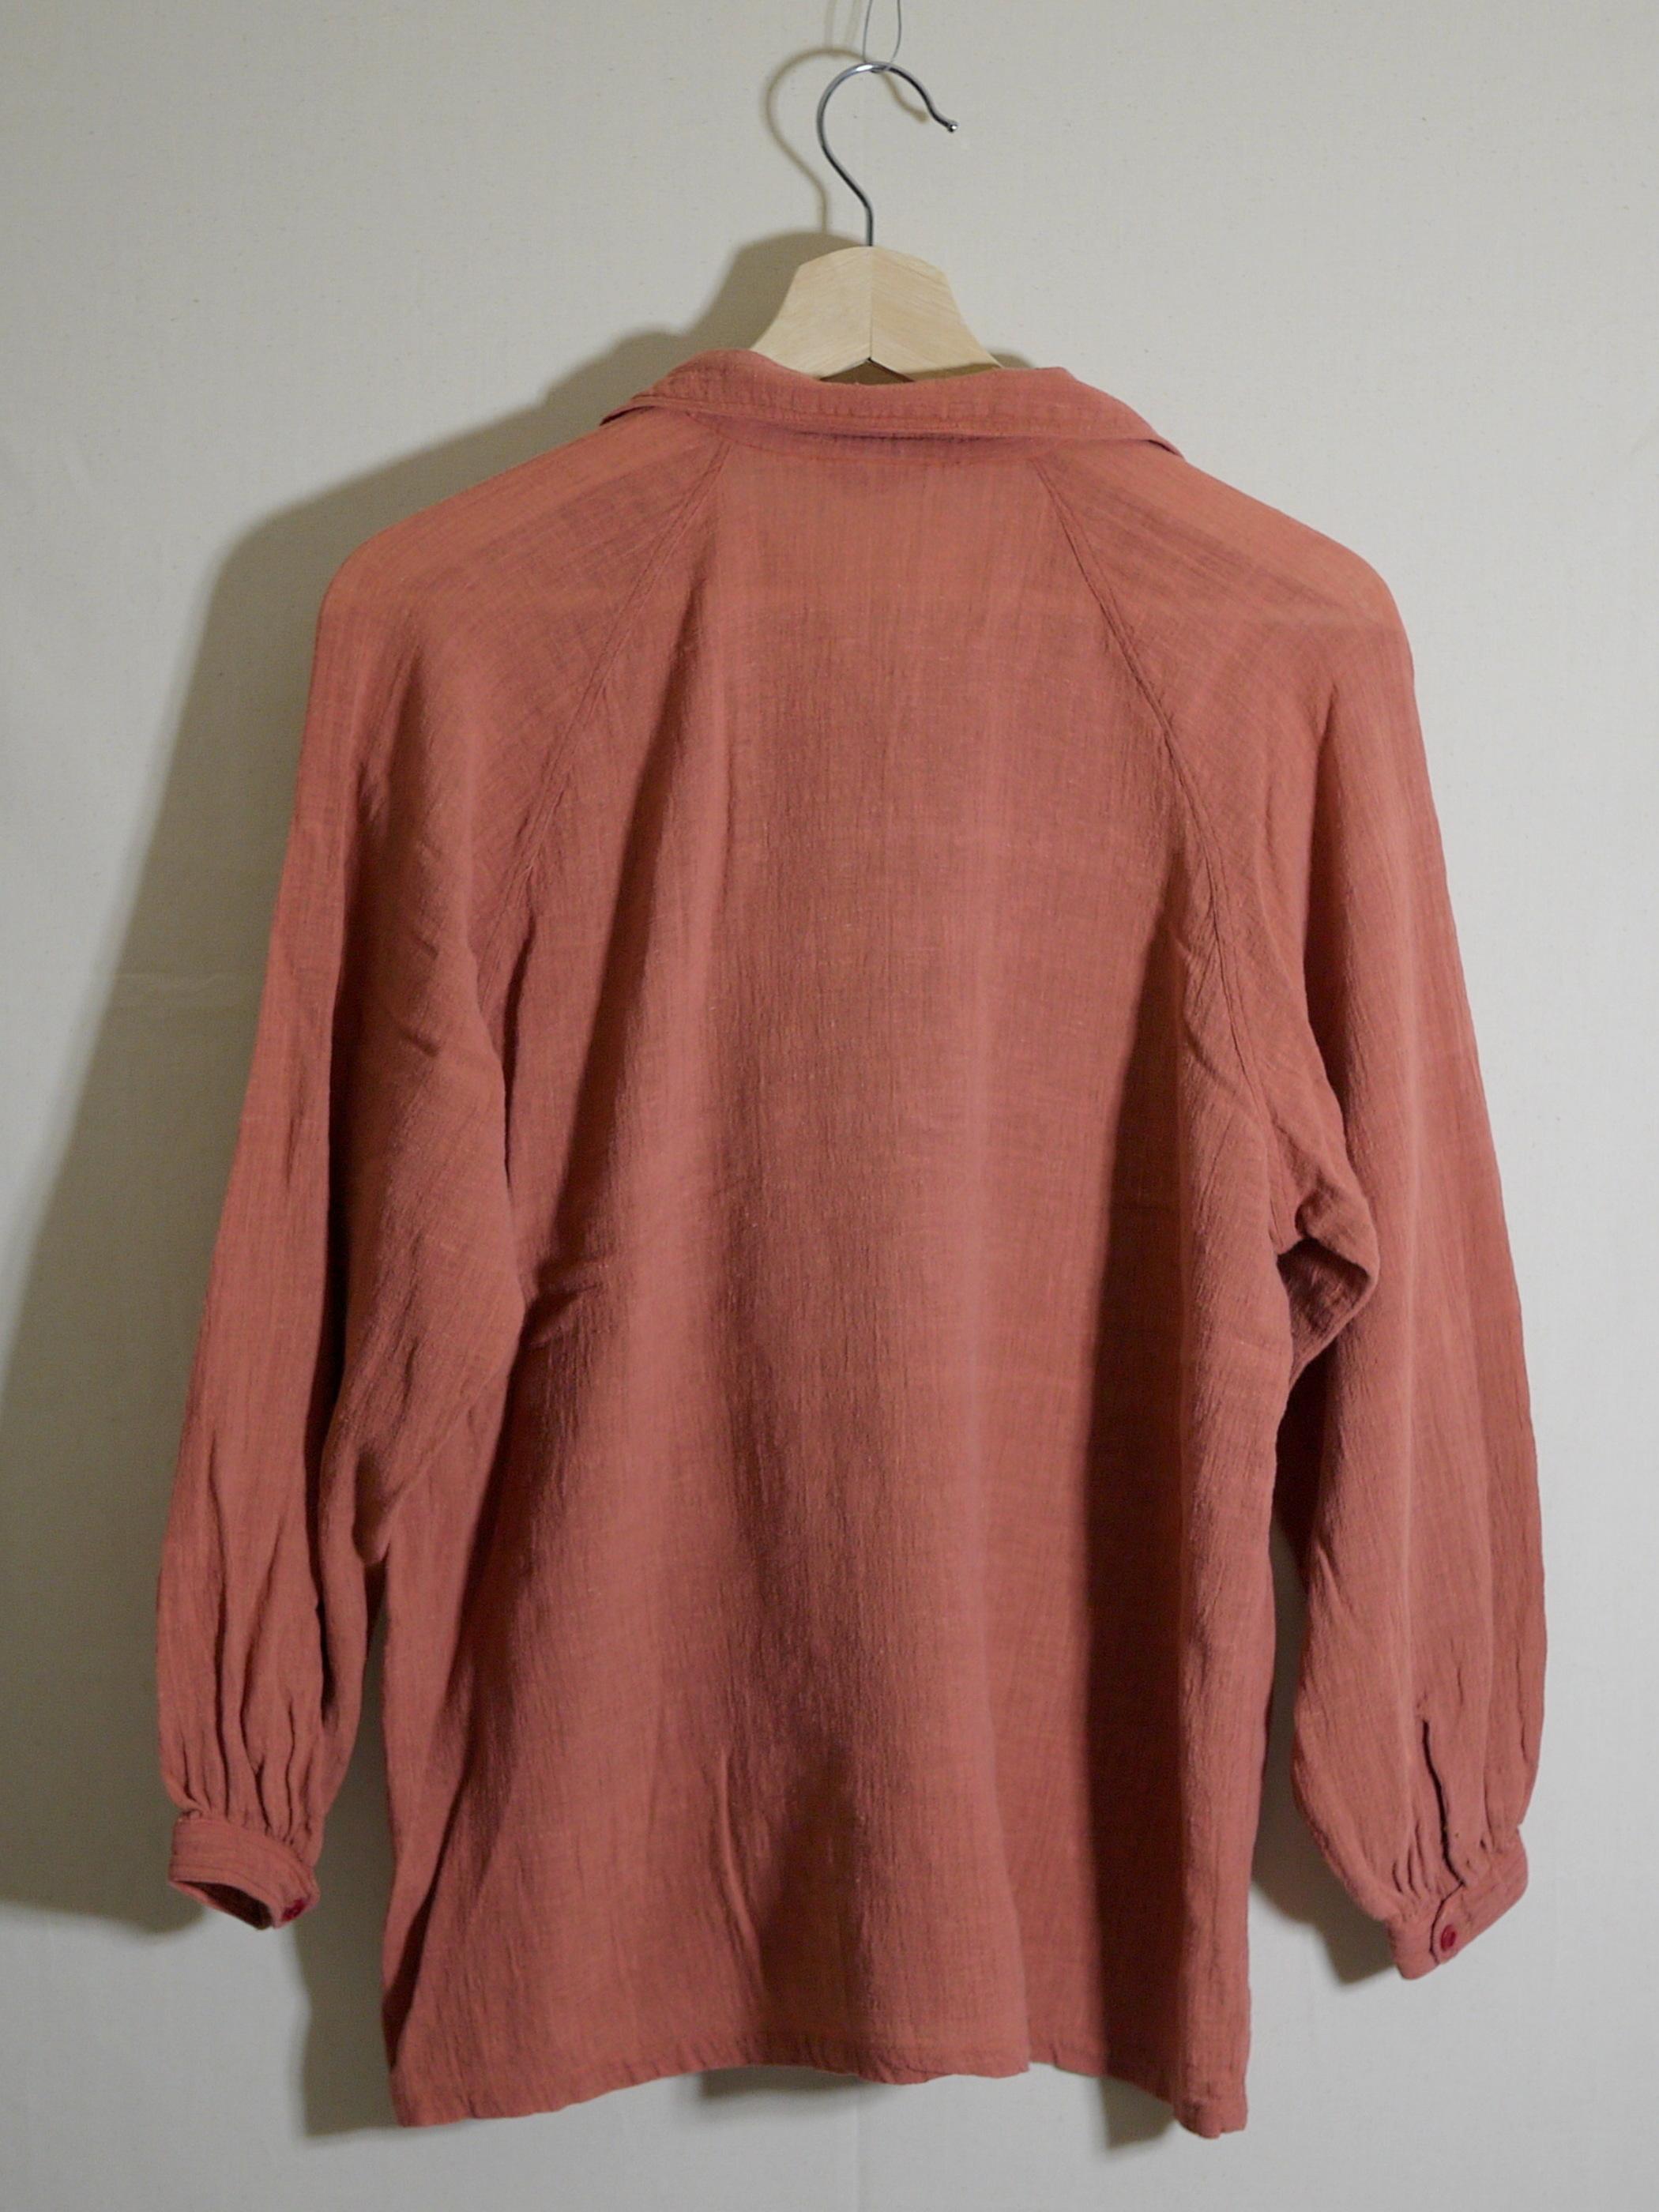 nirvana Shirts SizeM